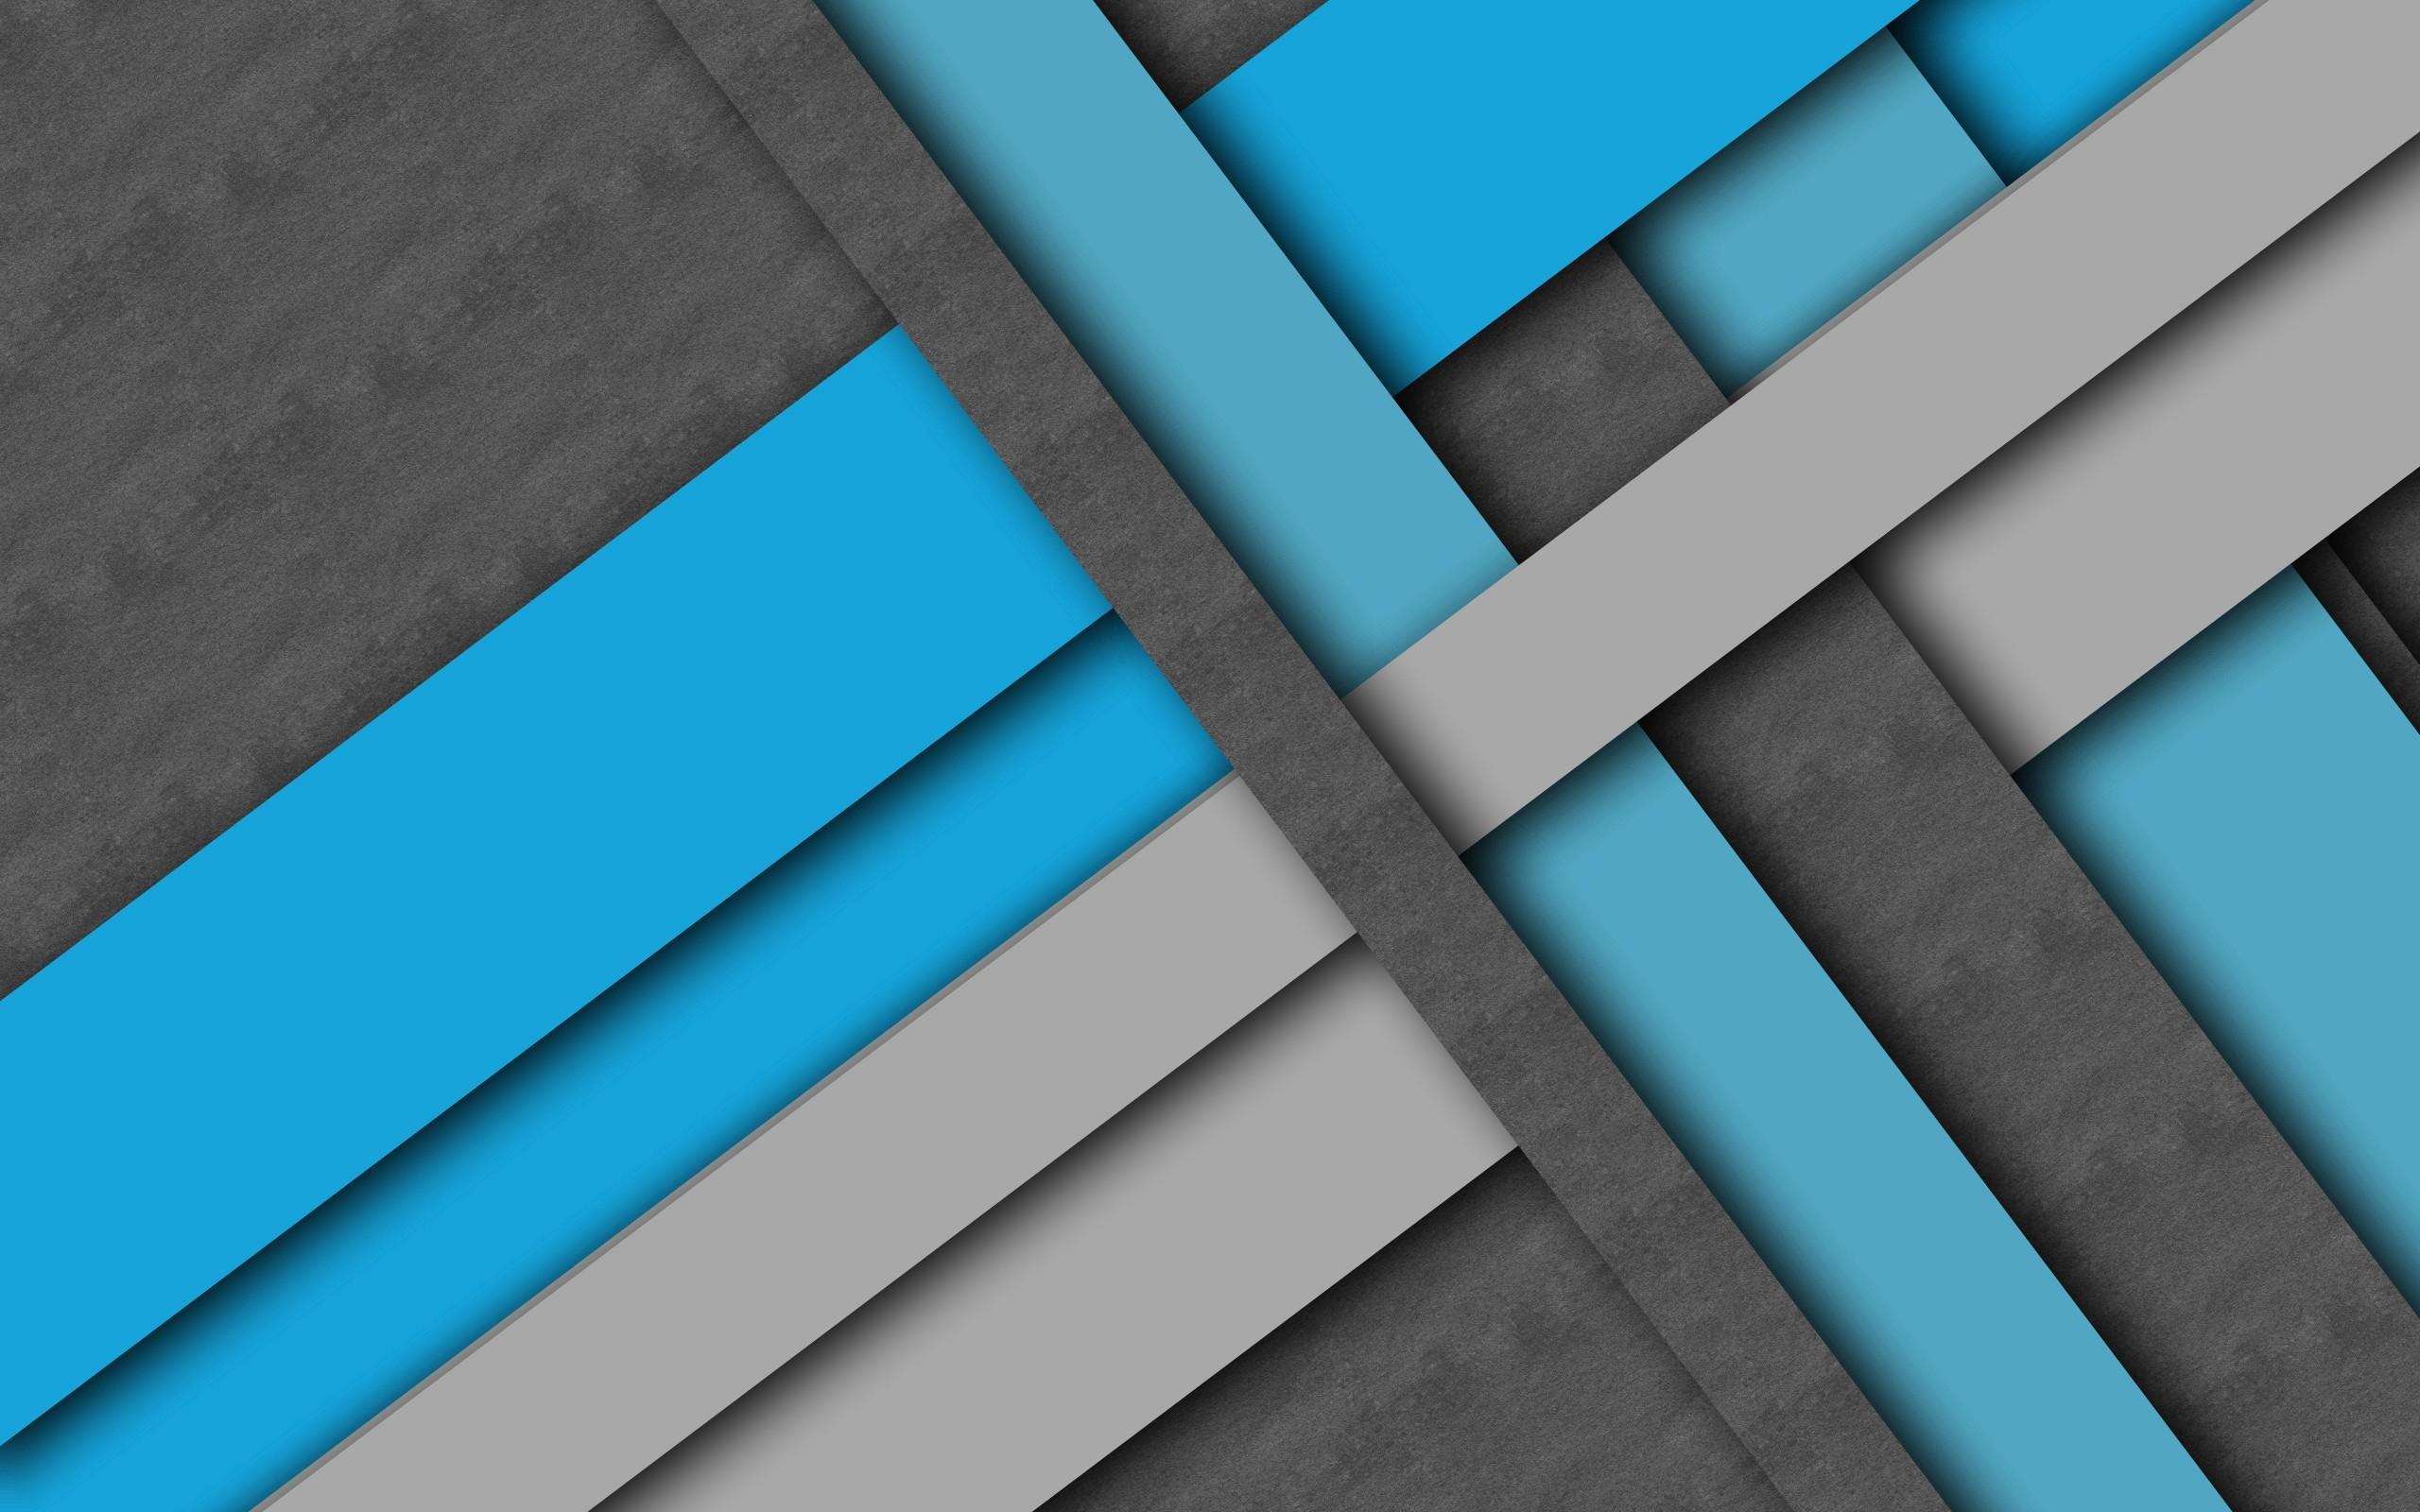 wallpaper line shape texture blue gray HD  Widescreen